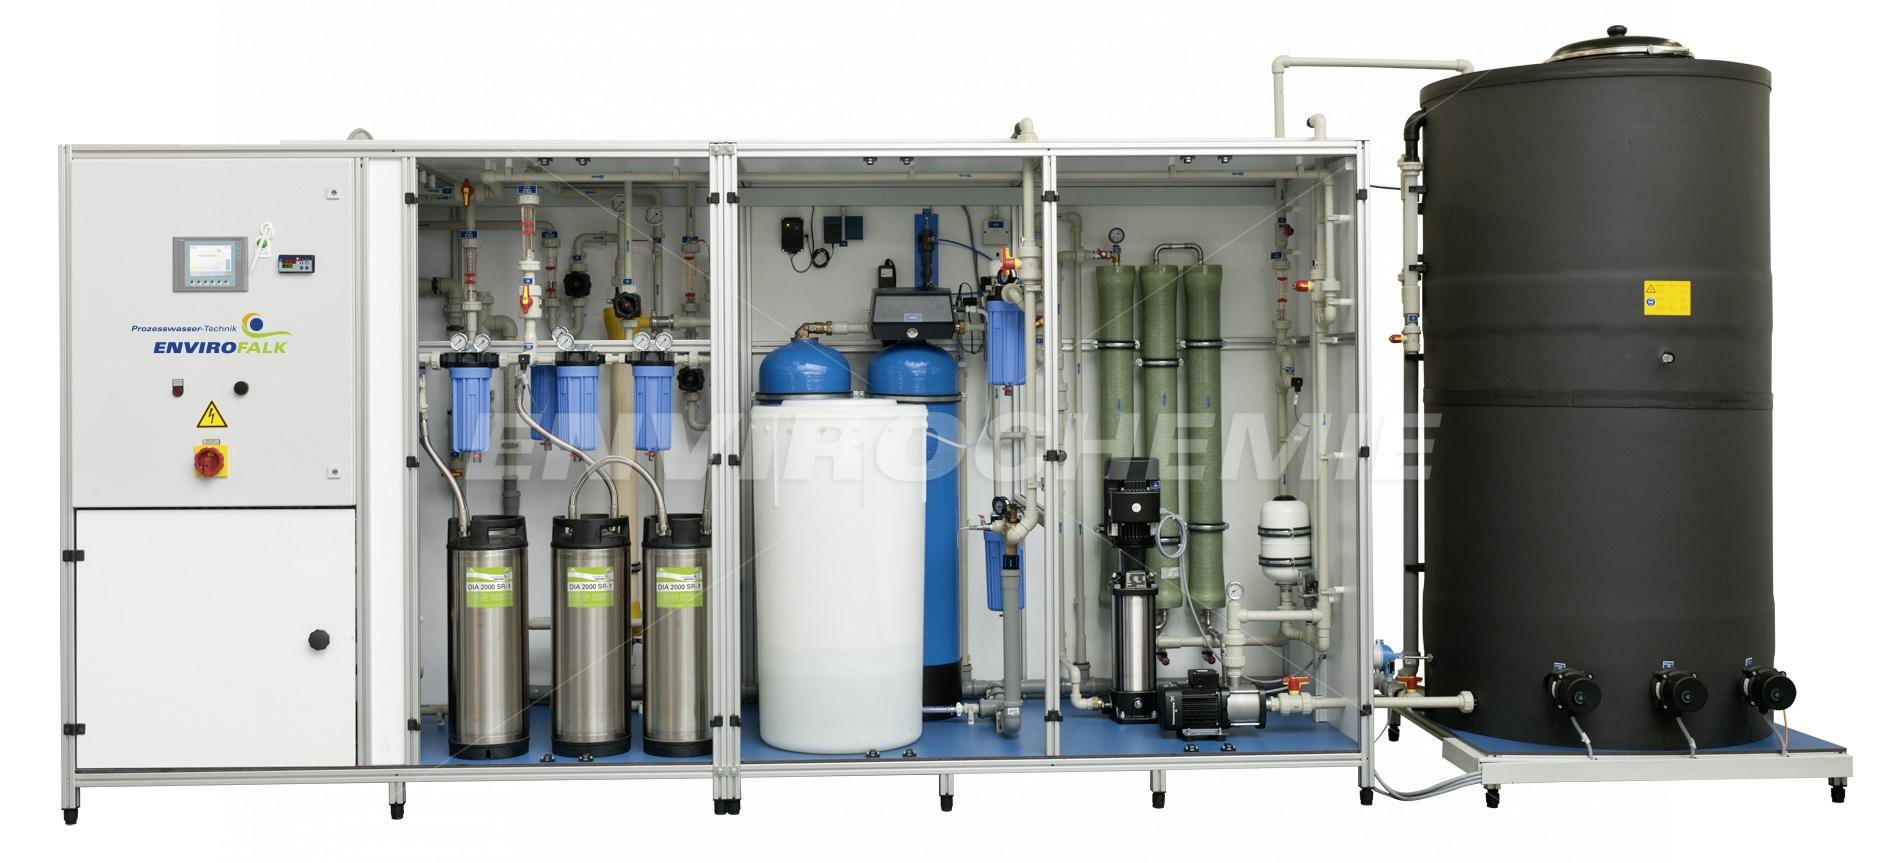 EnviroFALK Reinwasserkreislaufanlage mit